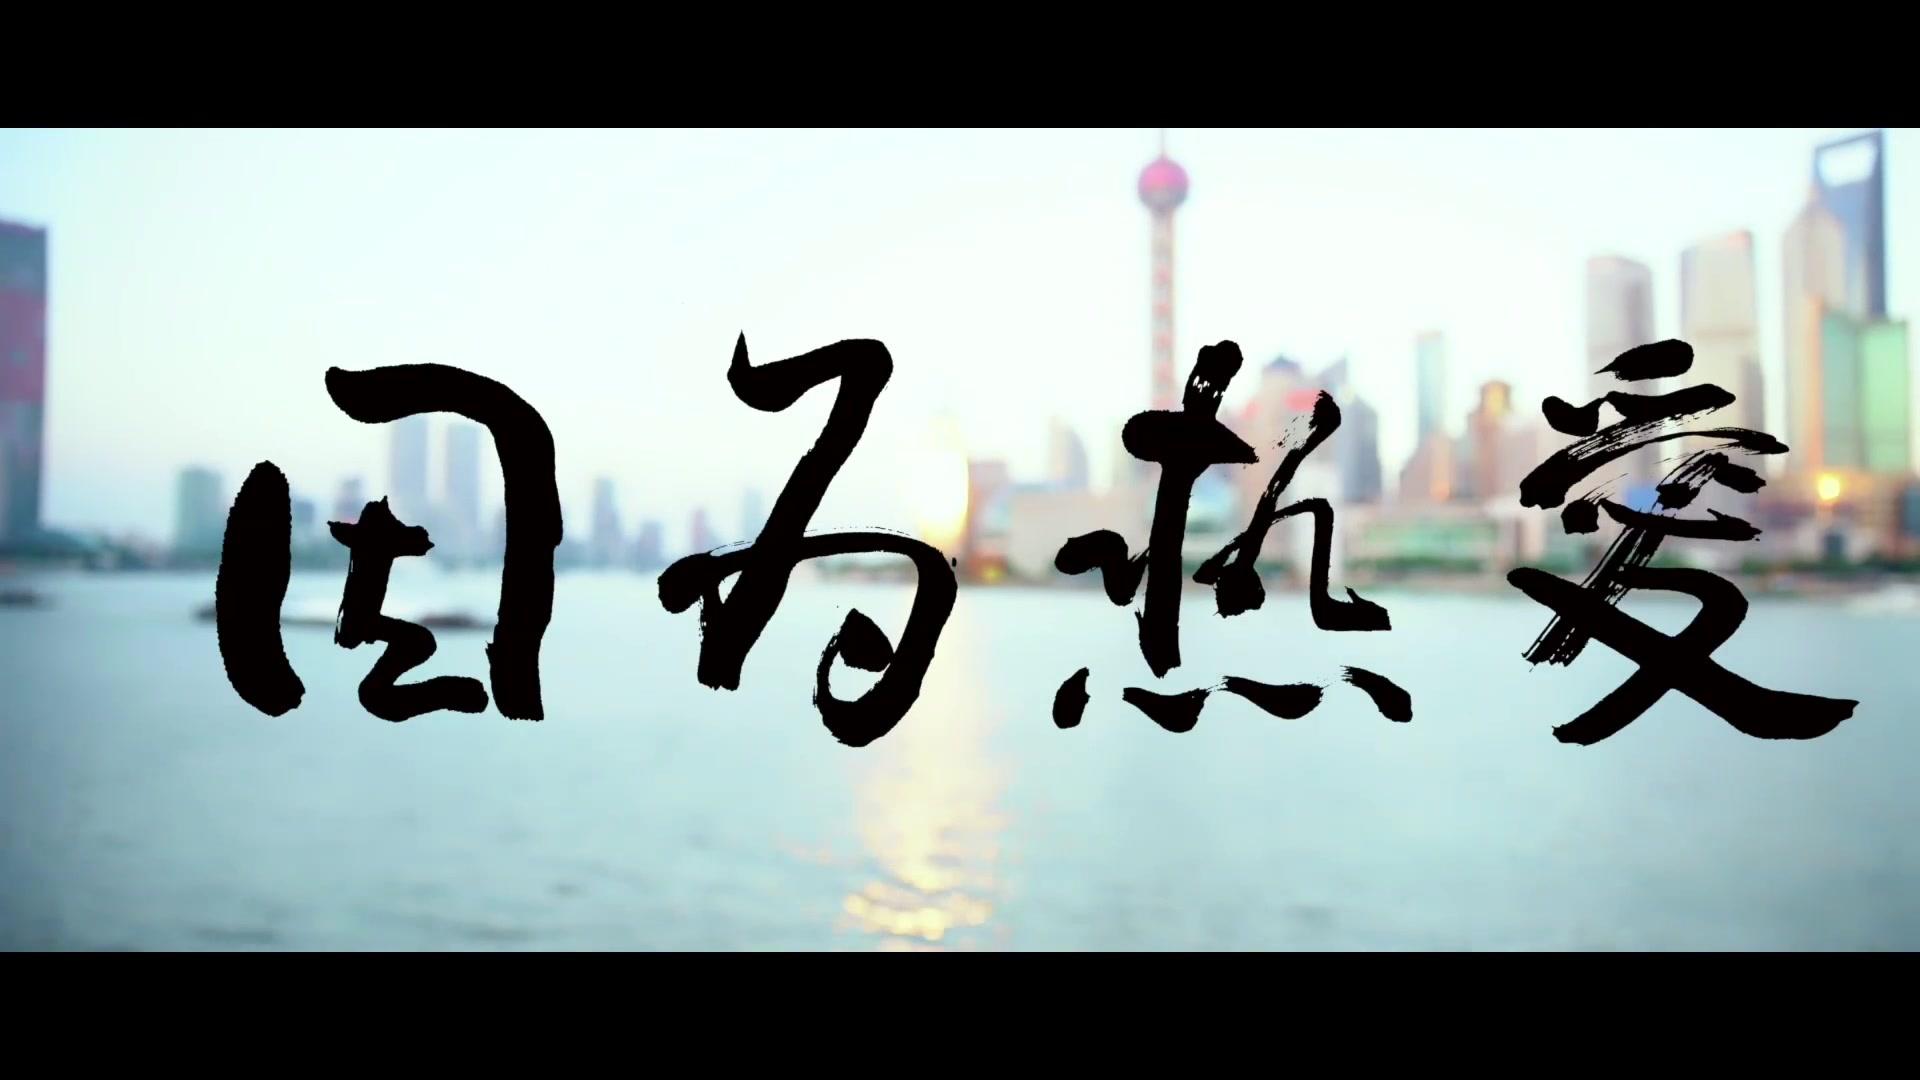 【花粉印象馆】Drawling:乘风破浪,热爱生活的人都自带光芒。,上海同城花粉俱乐部-花粉俱乐部